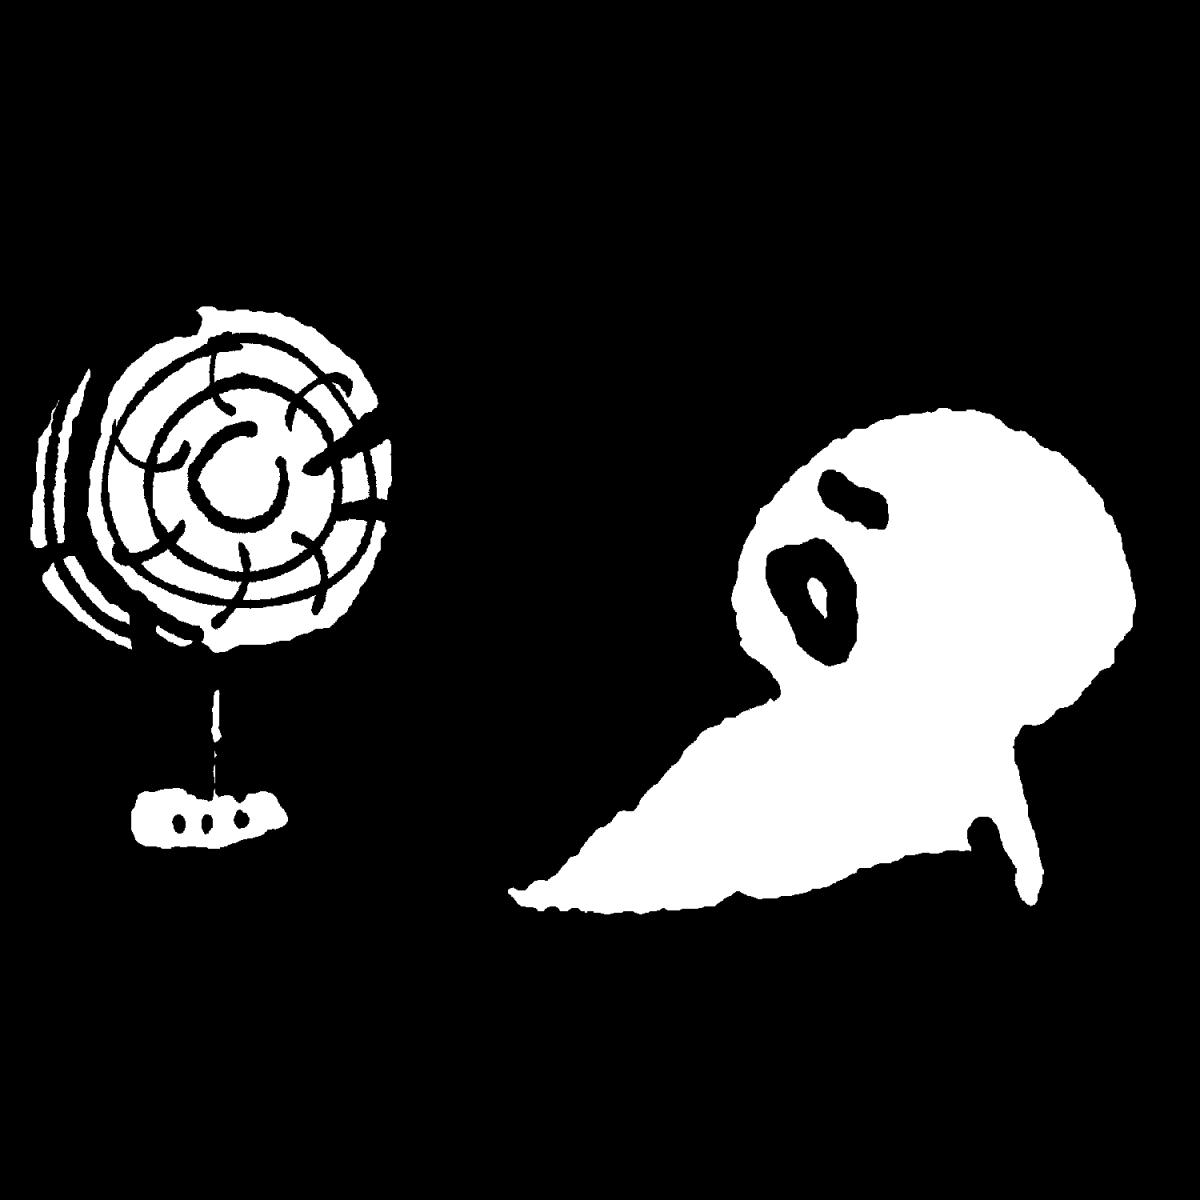 すずしい扇風機のイラスト Cool fan  Illustration